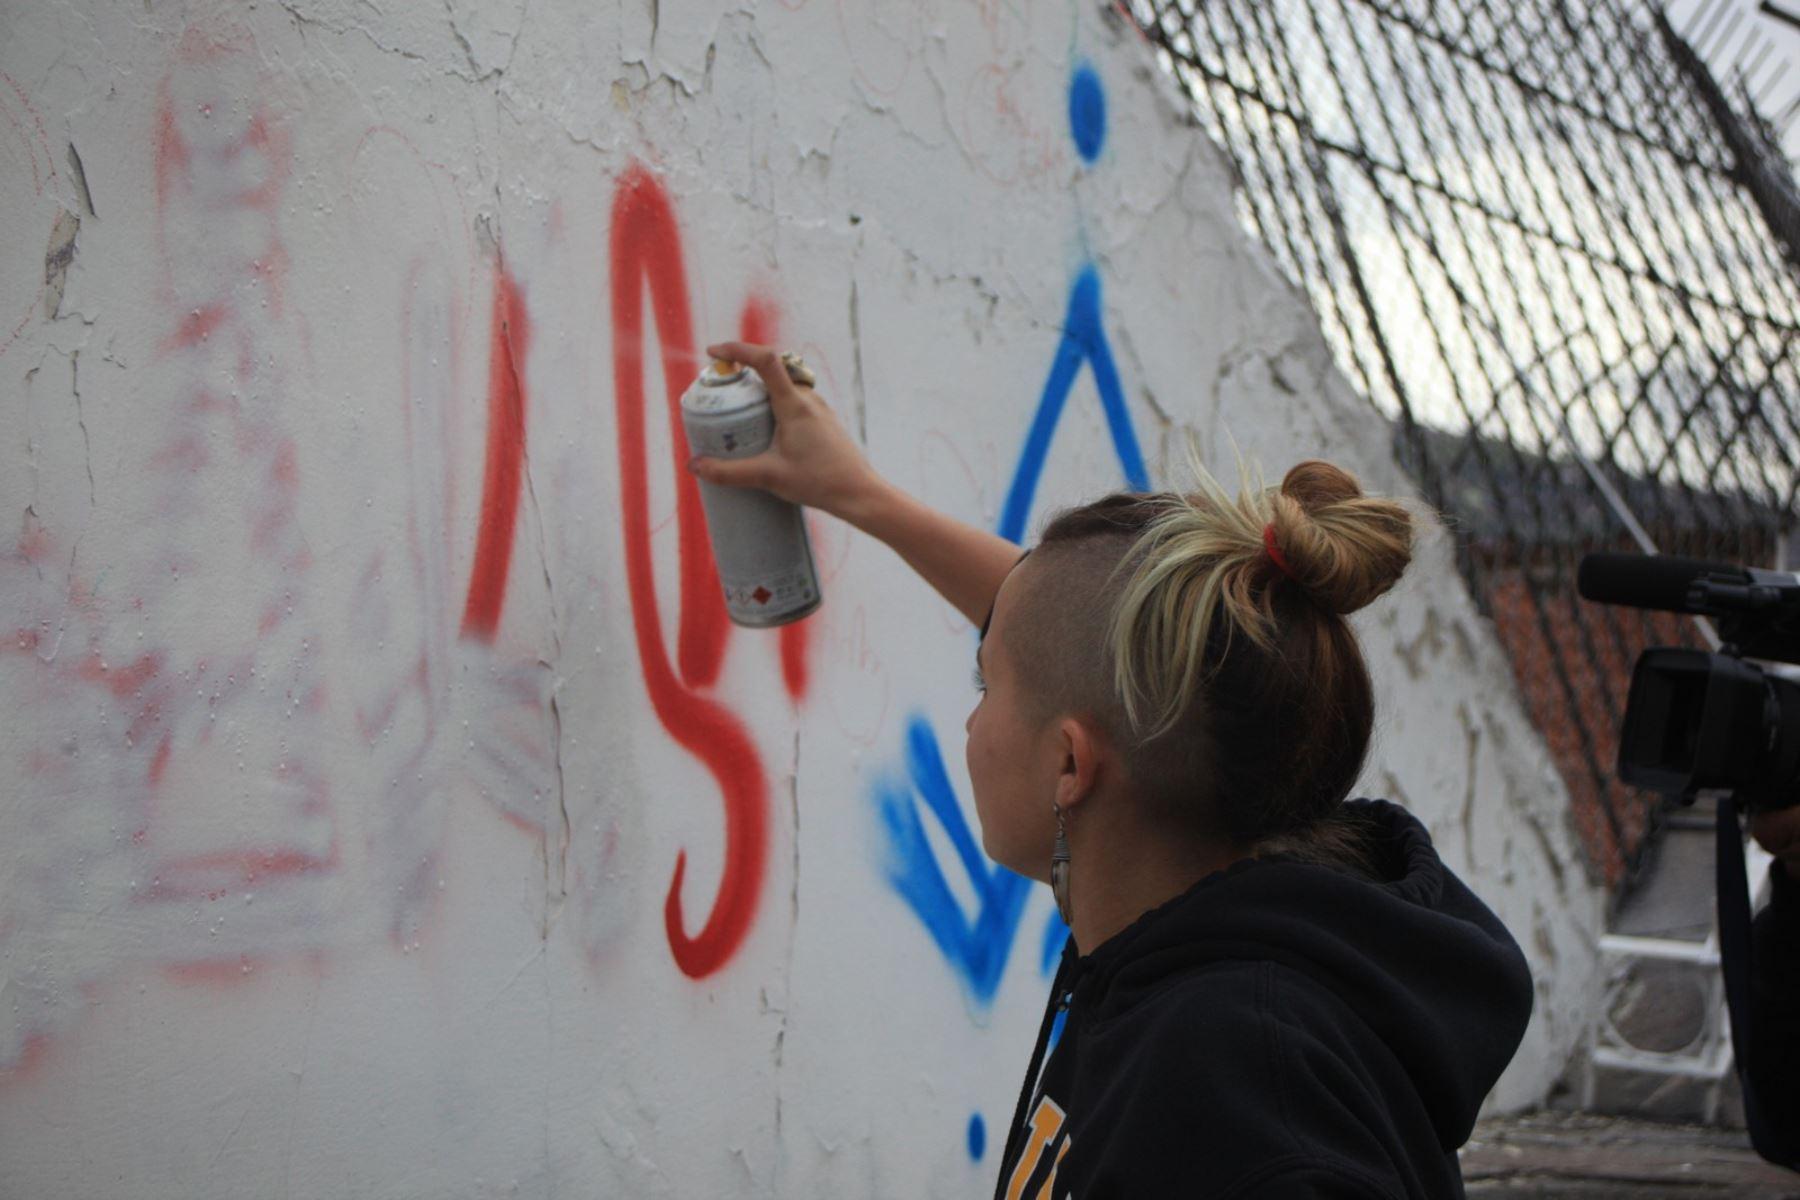 Expulsan del Perú a extranjeros tras ordenarles borrar pintas en muros del centro histórico del Cusco. Foto: ANDINA/Percy Hurtado Santillán.